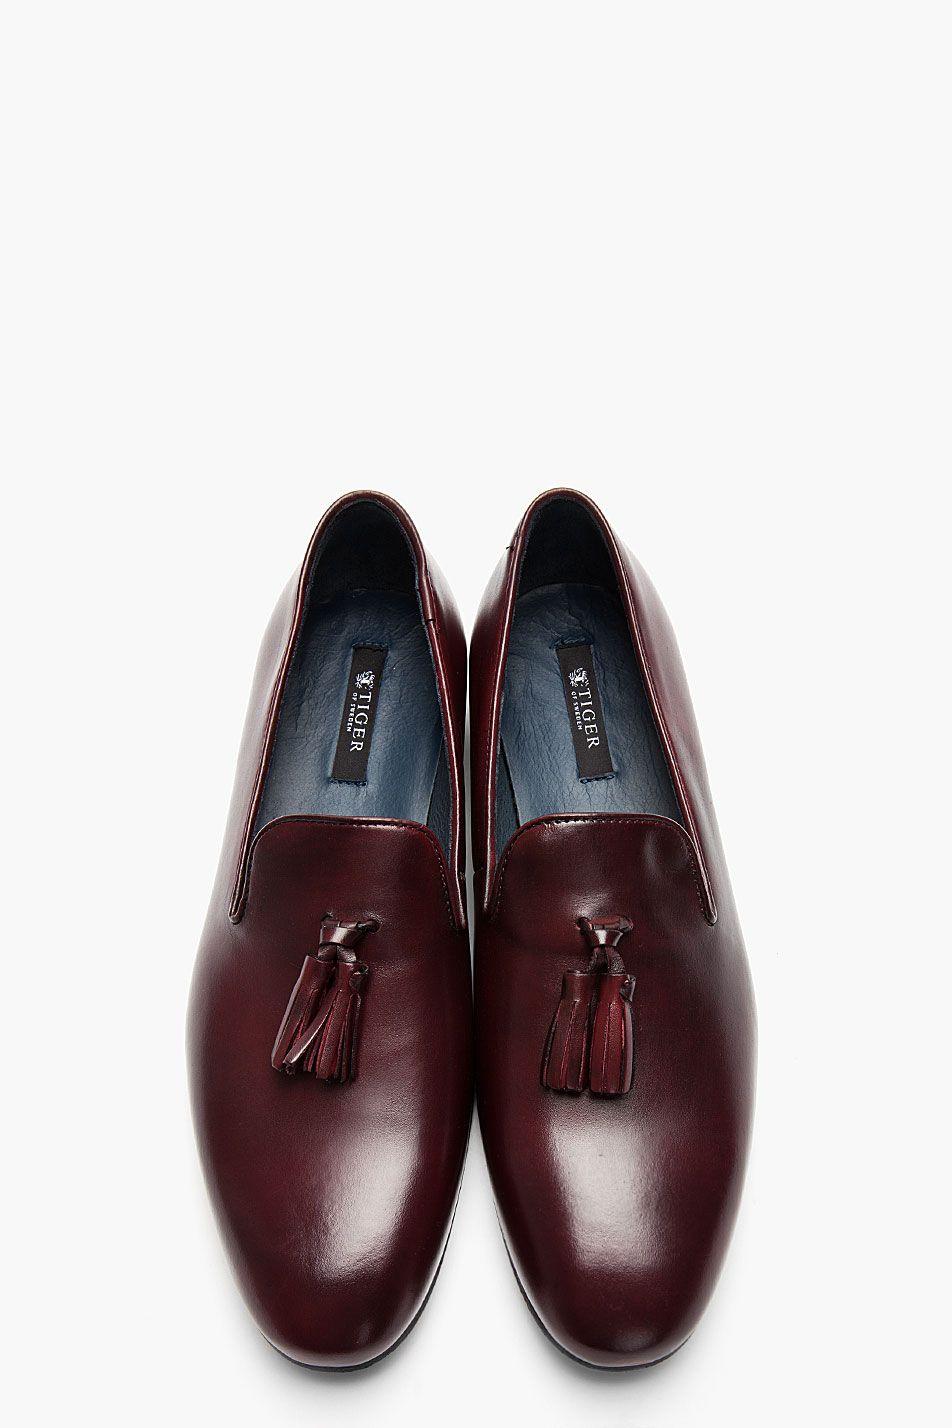 f8f29139a85 TIGER OF SWEDEN Dark Burgundy Leather Tassled Vincent 02 Loafers ...